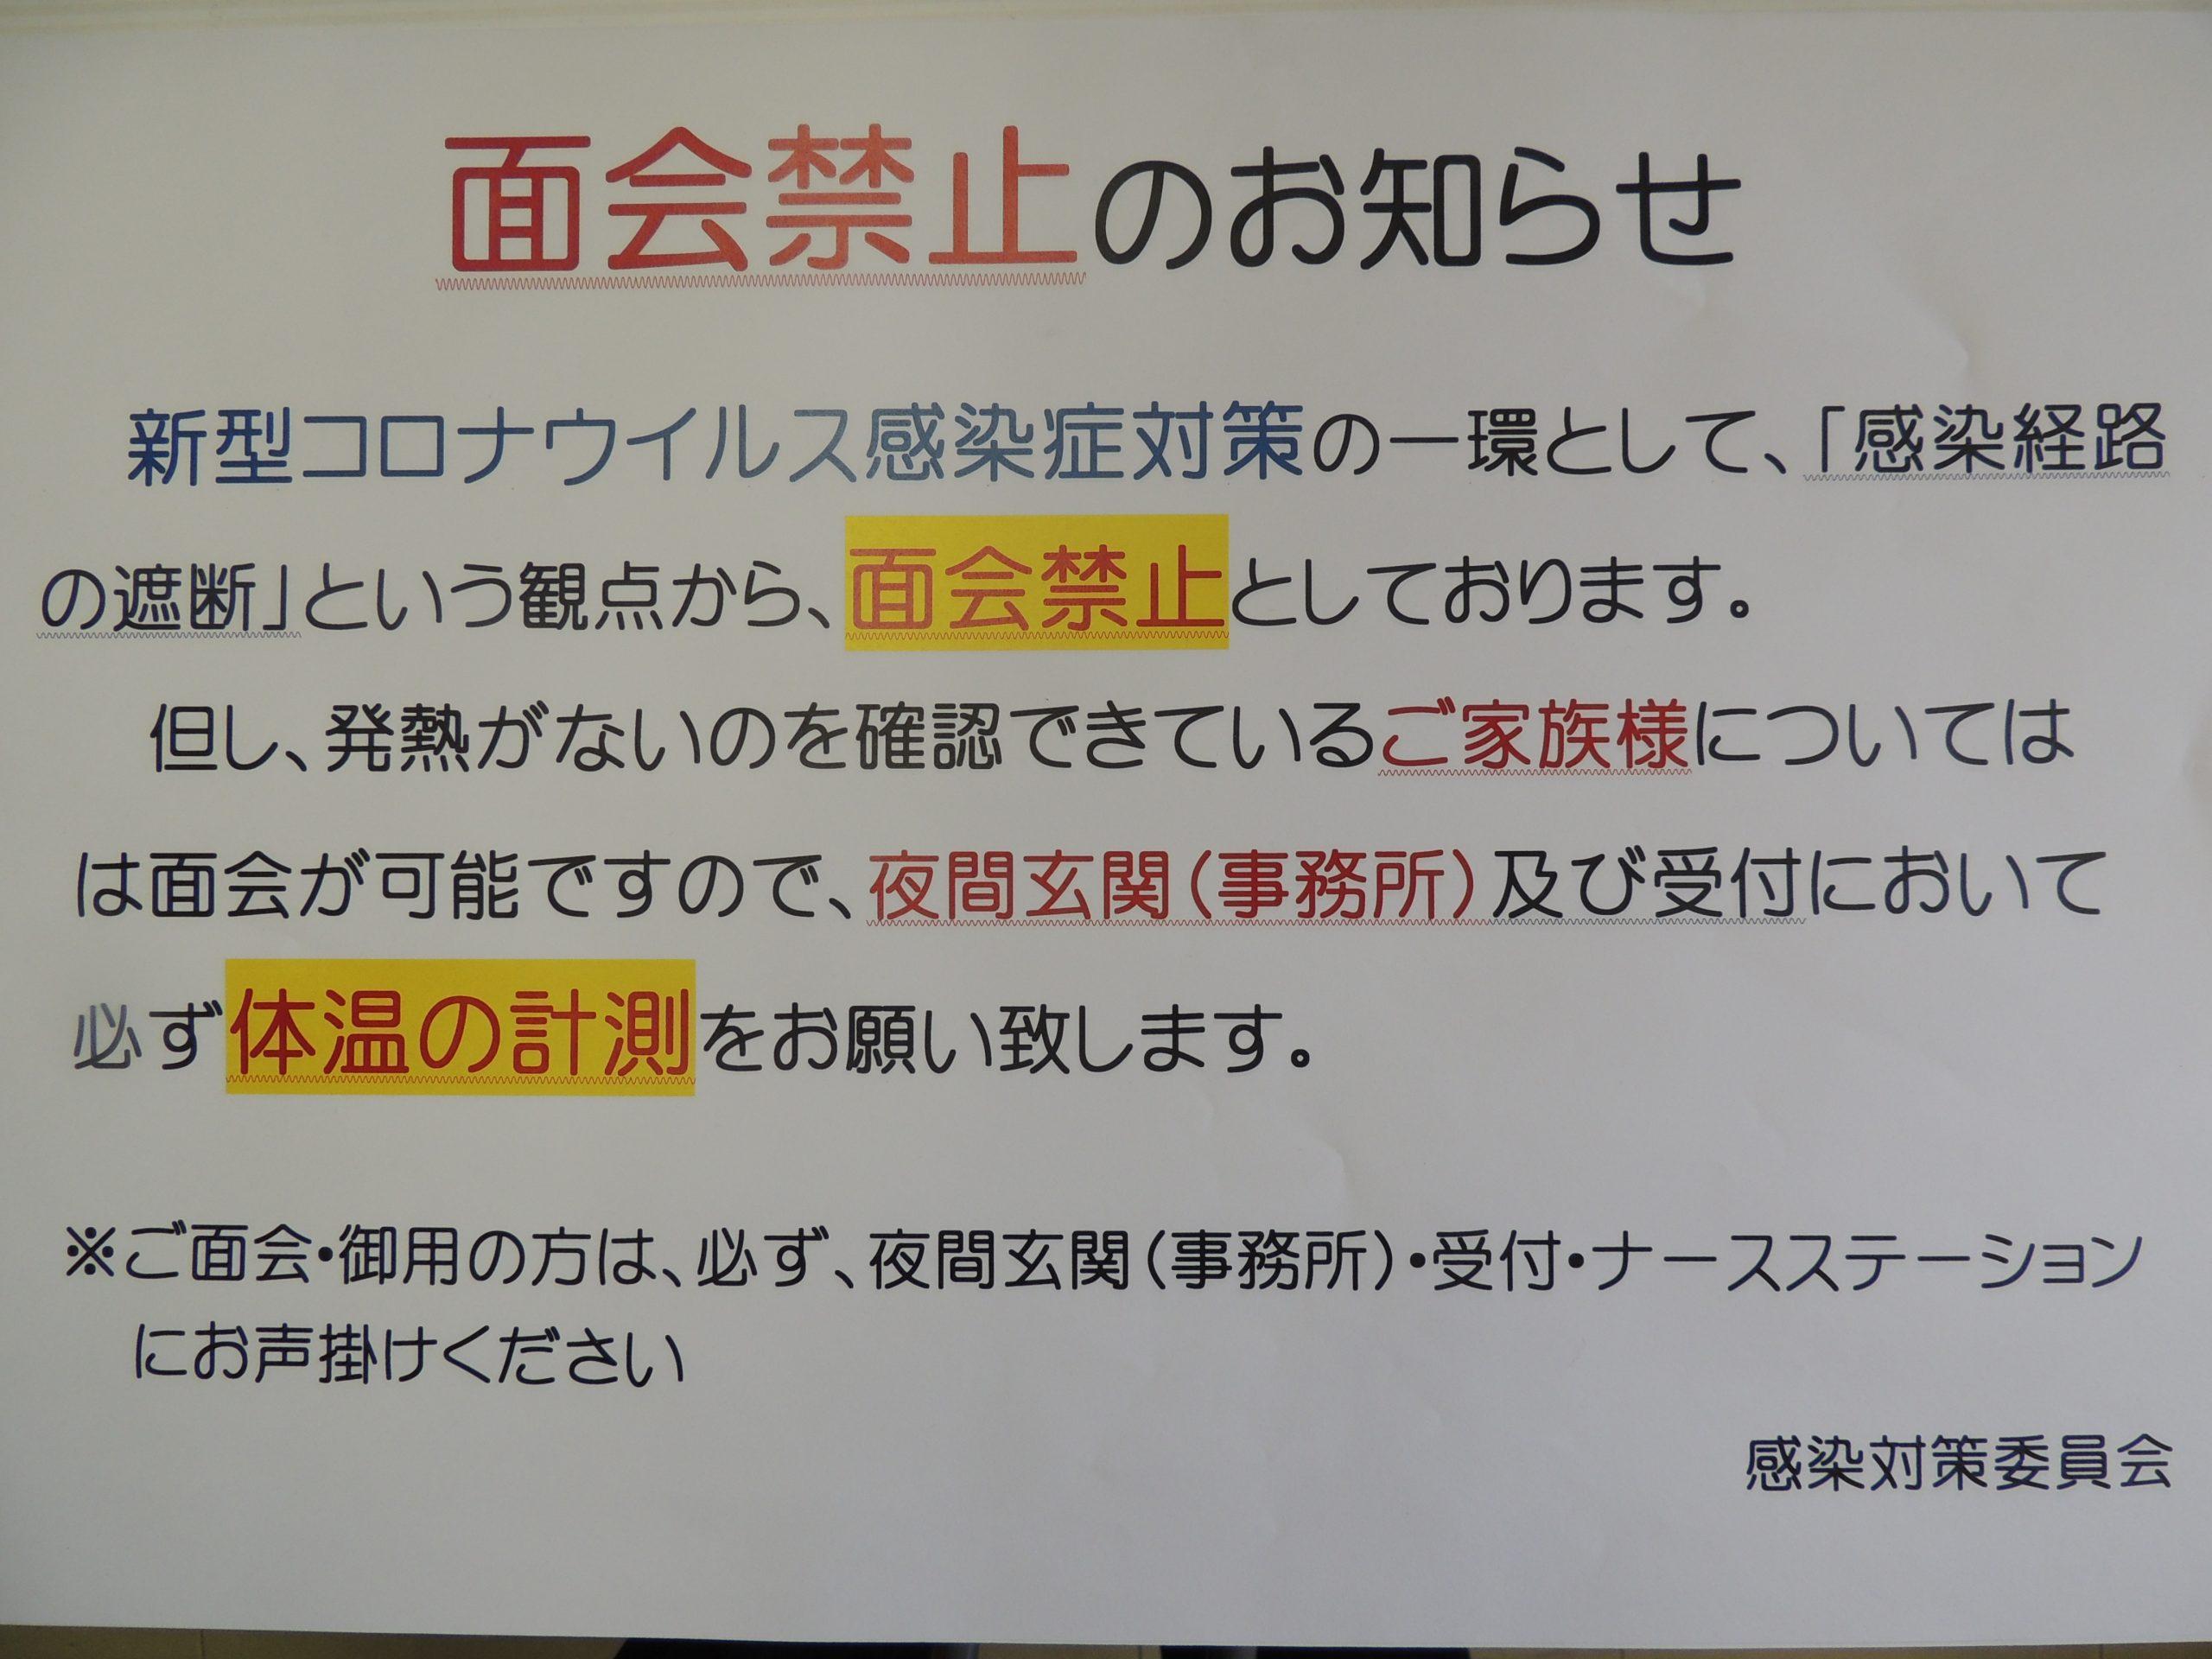 の 感染 県 者 コロナ 数 長崎